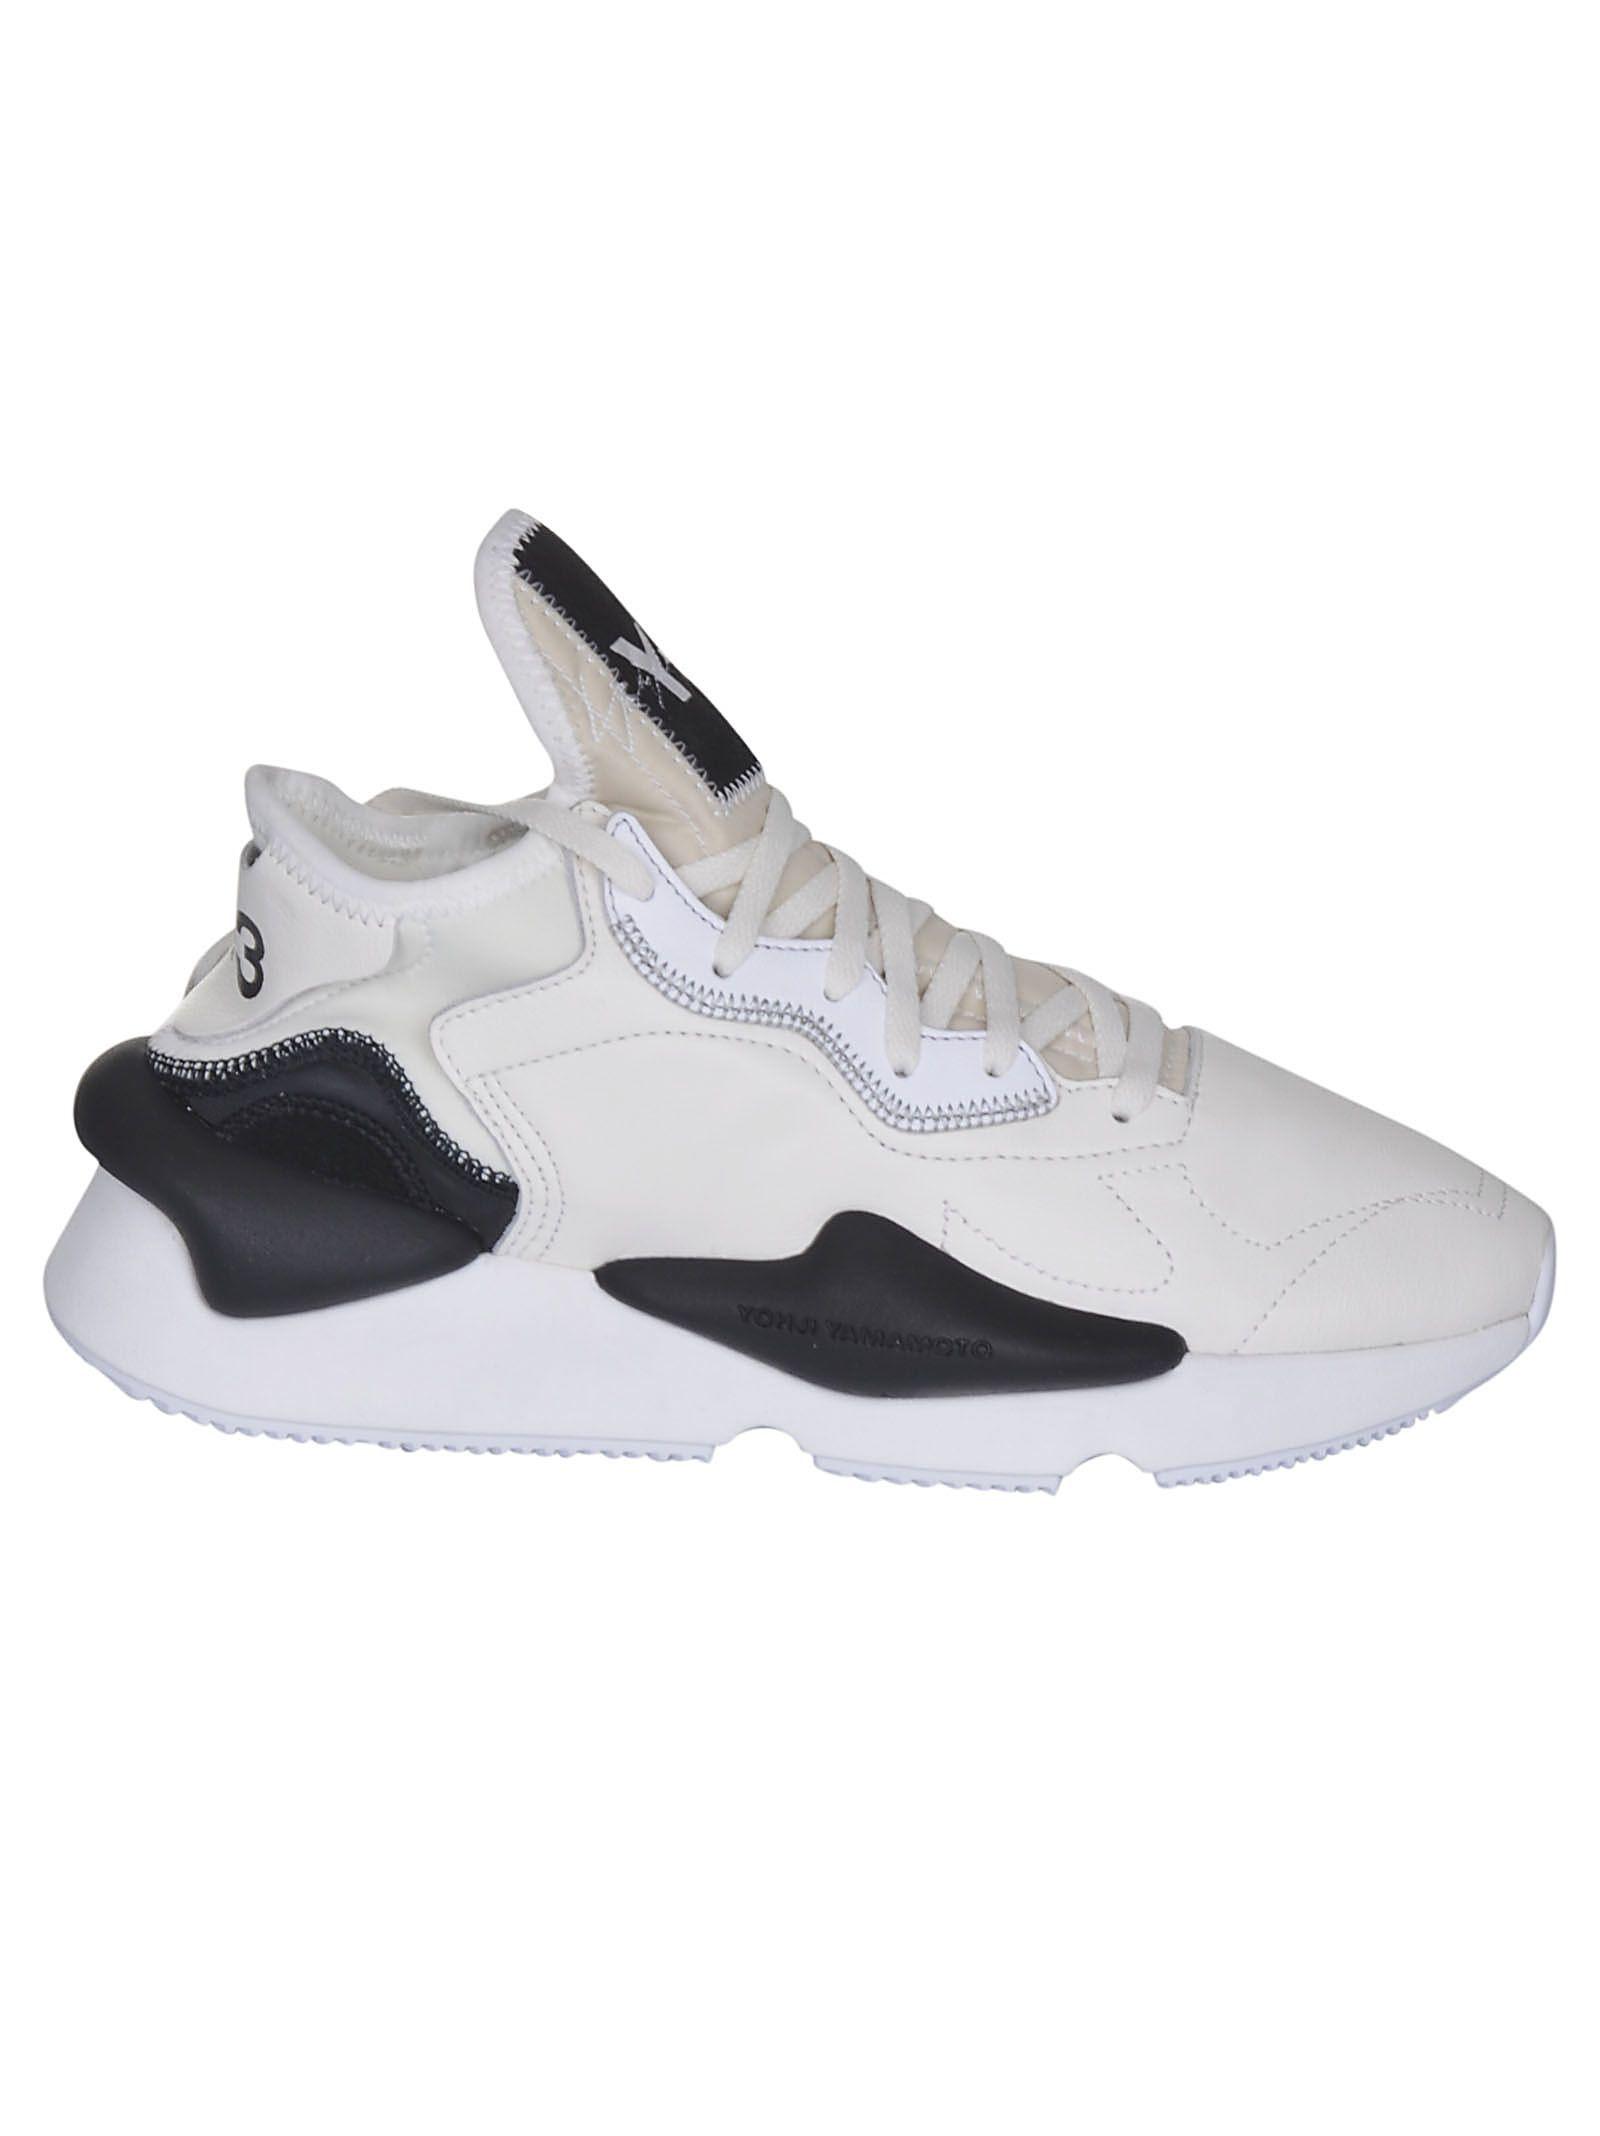 0f32757494bb Y-3 ADIDAS X KAIWA SNEAKERS.  y-3  shoes